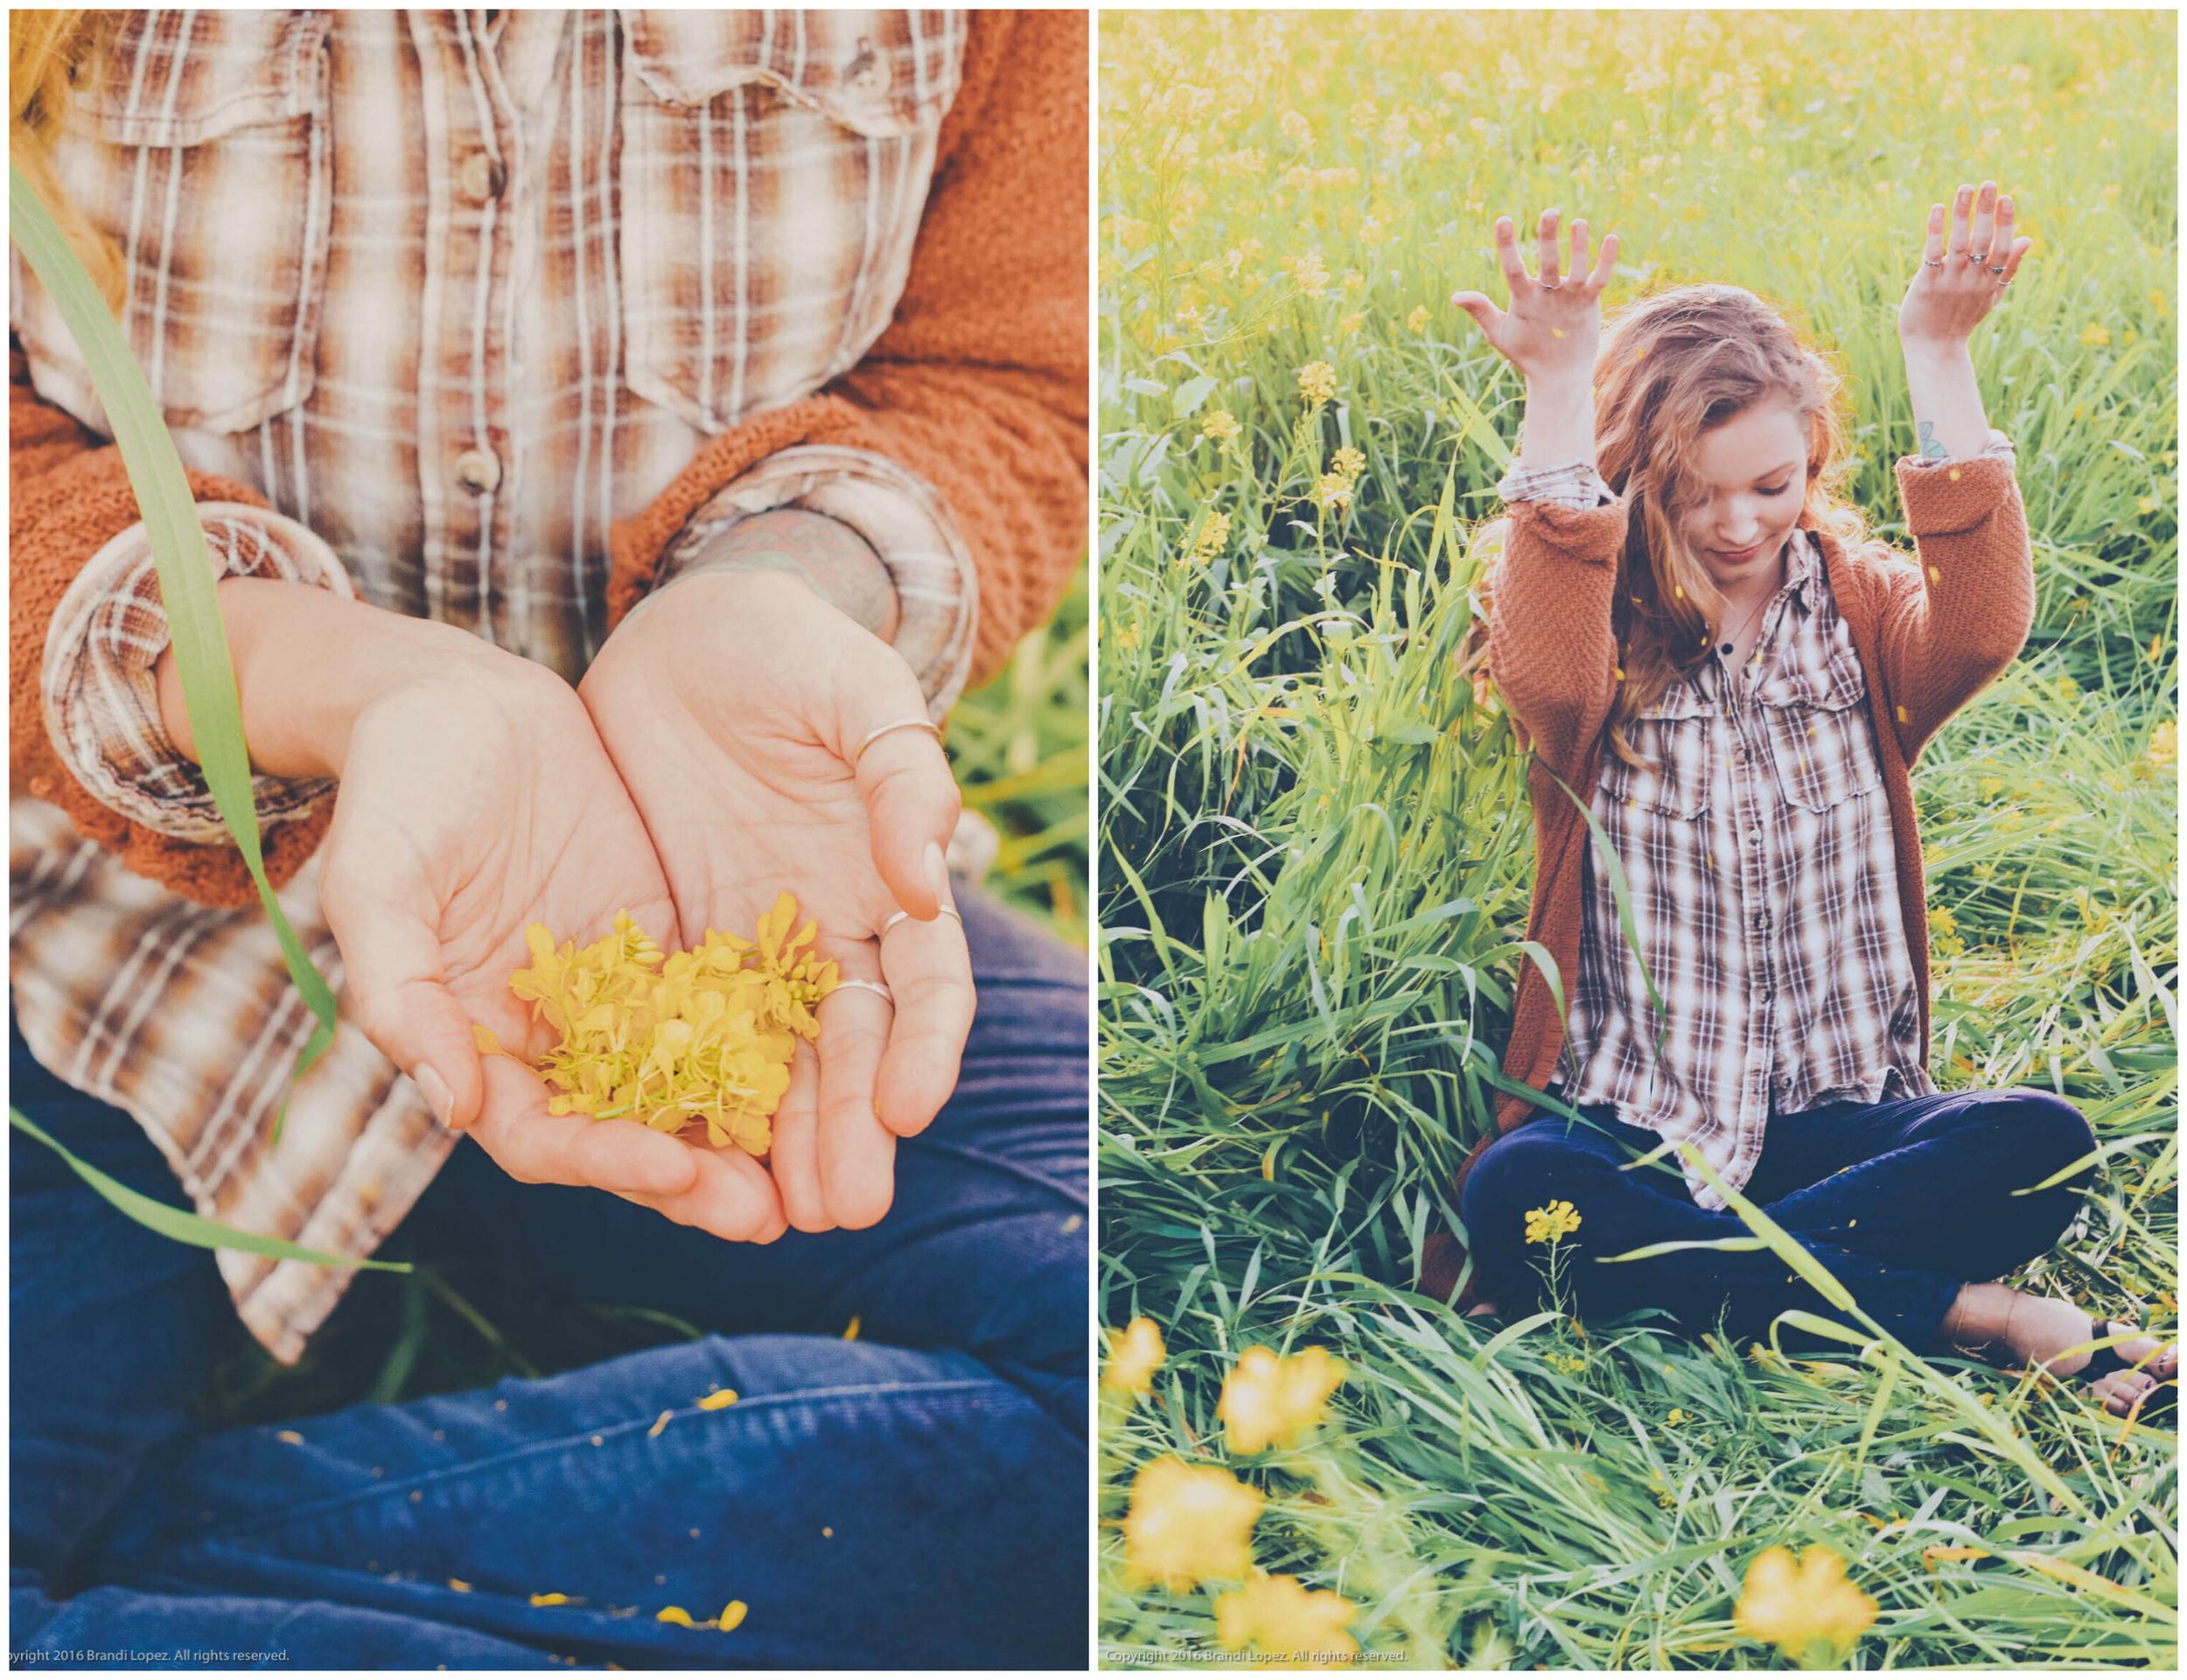 whit collage 2.jpg